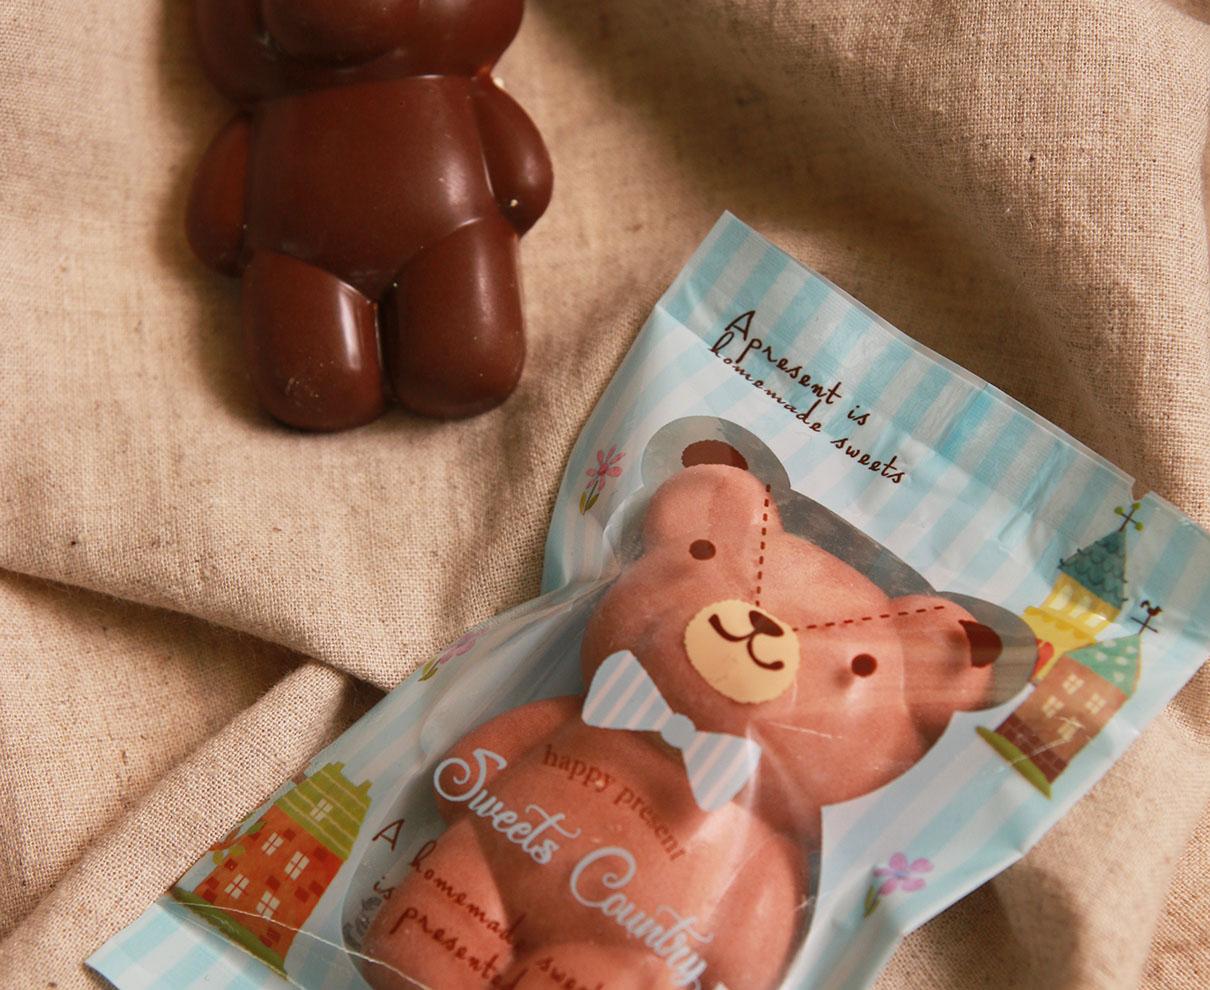 今日のおやつは、 L'ATELIER du CHOCOLAT のくまチョコ♪